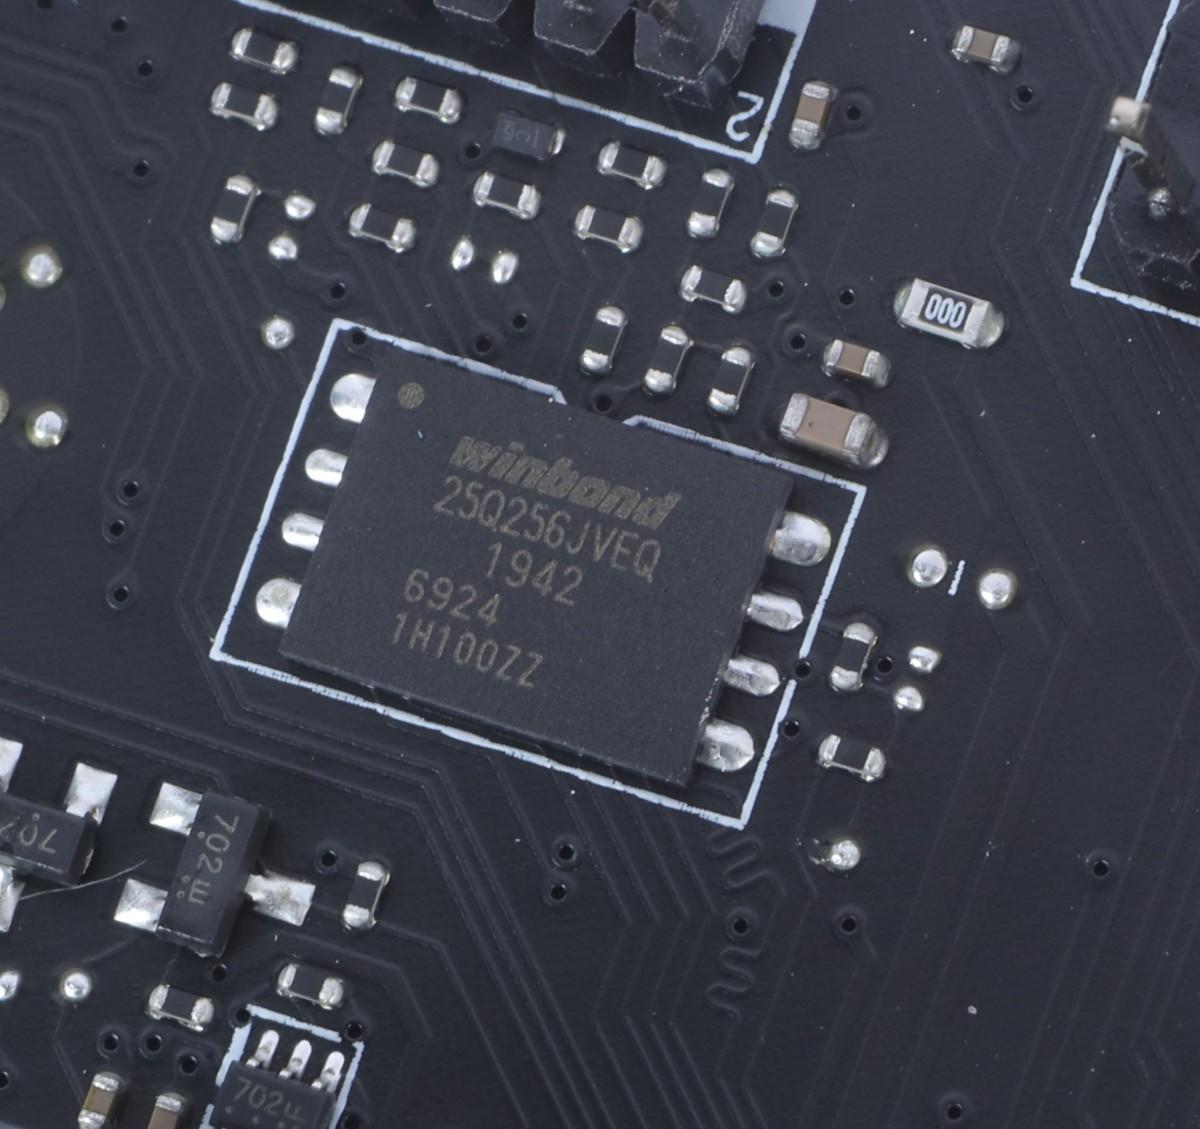 為了支援最多功能,Intel Z490 一般採用 256Mb BIOS,是上一代產品 128Mb BIOS 的 2X 容量。